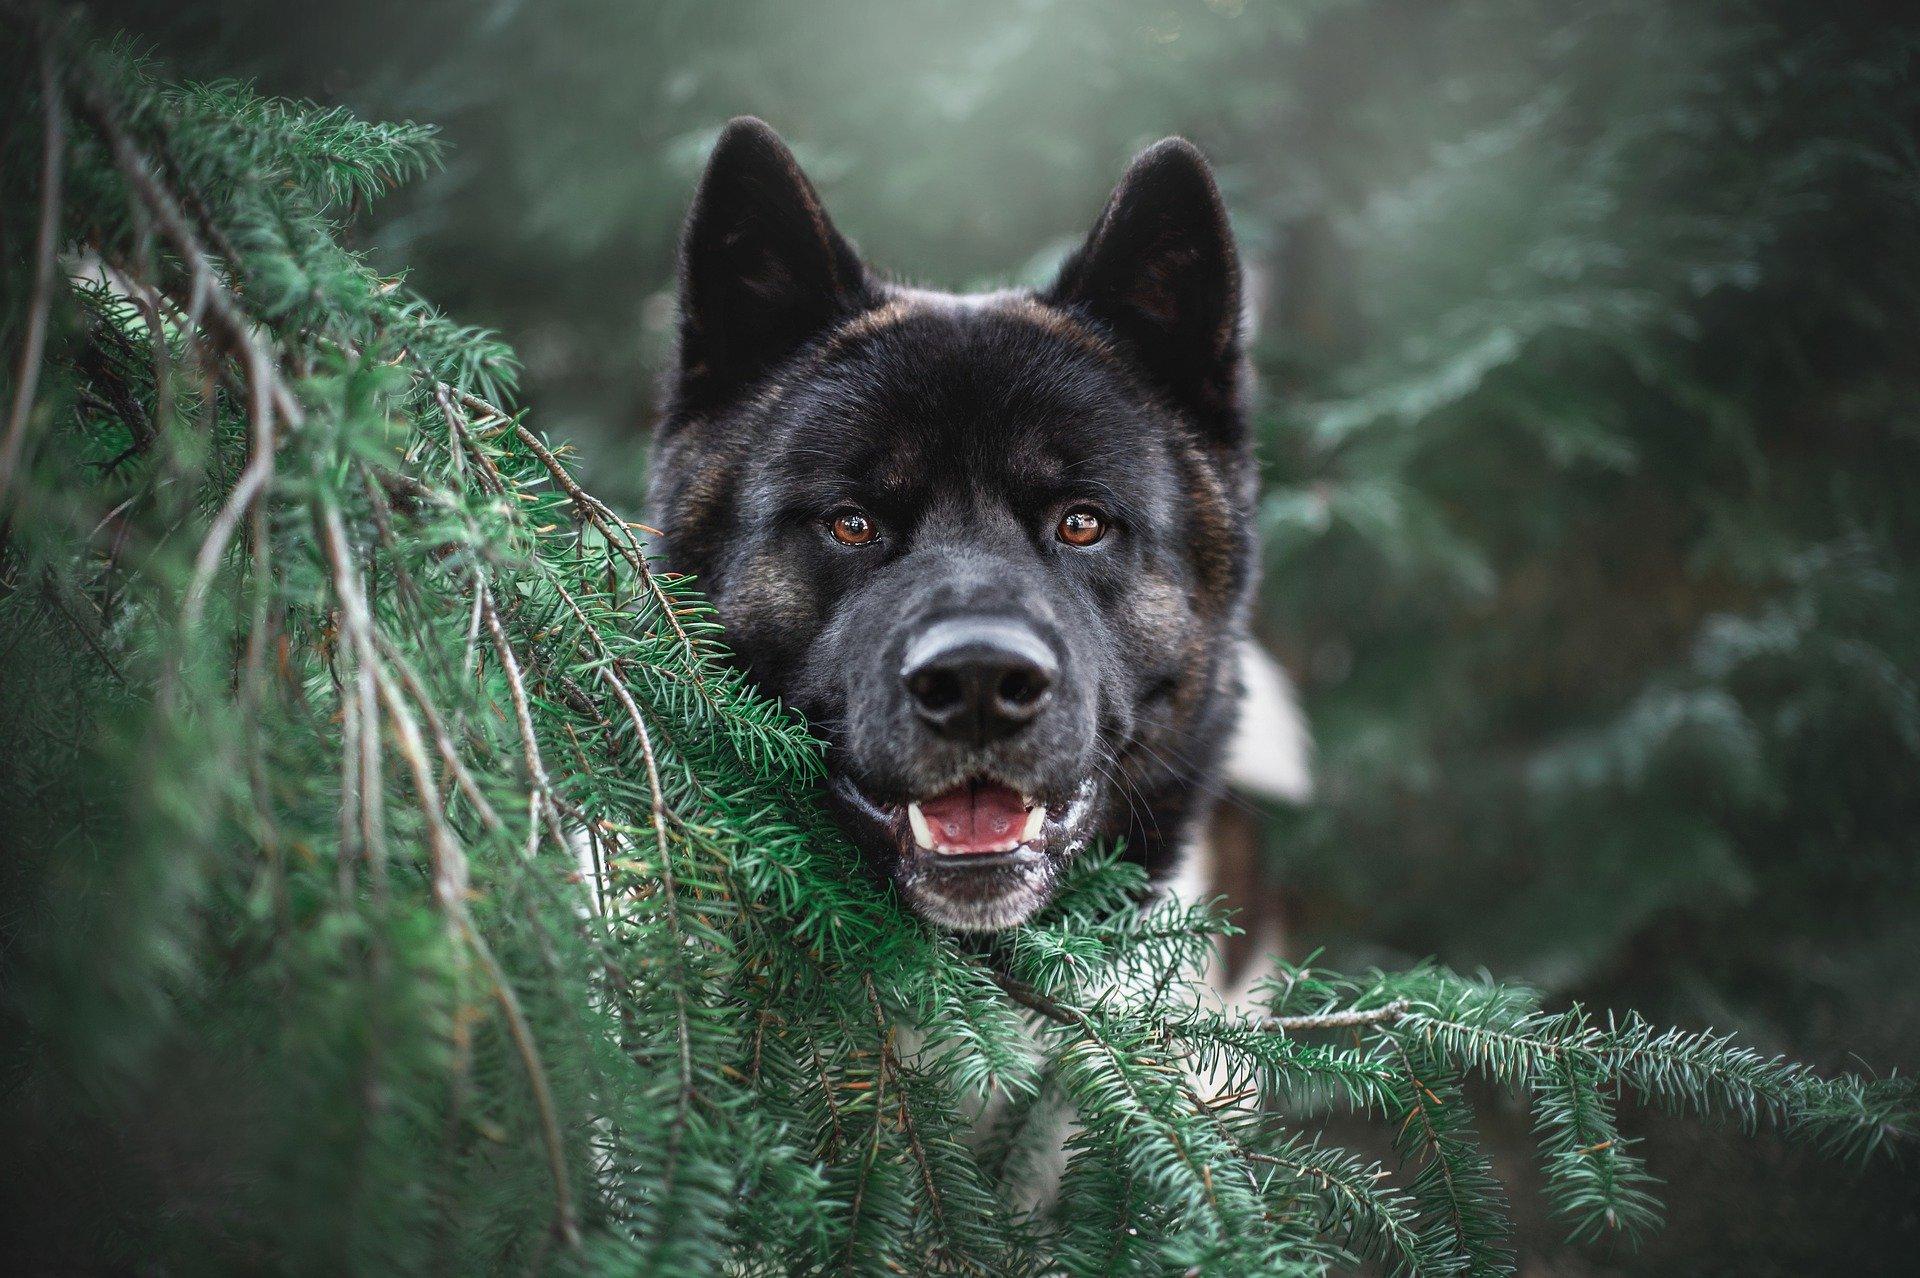 Dermatite nel cane, sintomi generali e come riconoscerne la tipologia